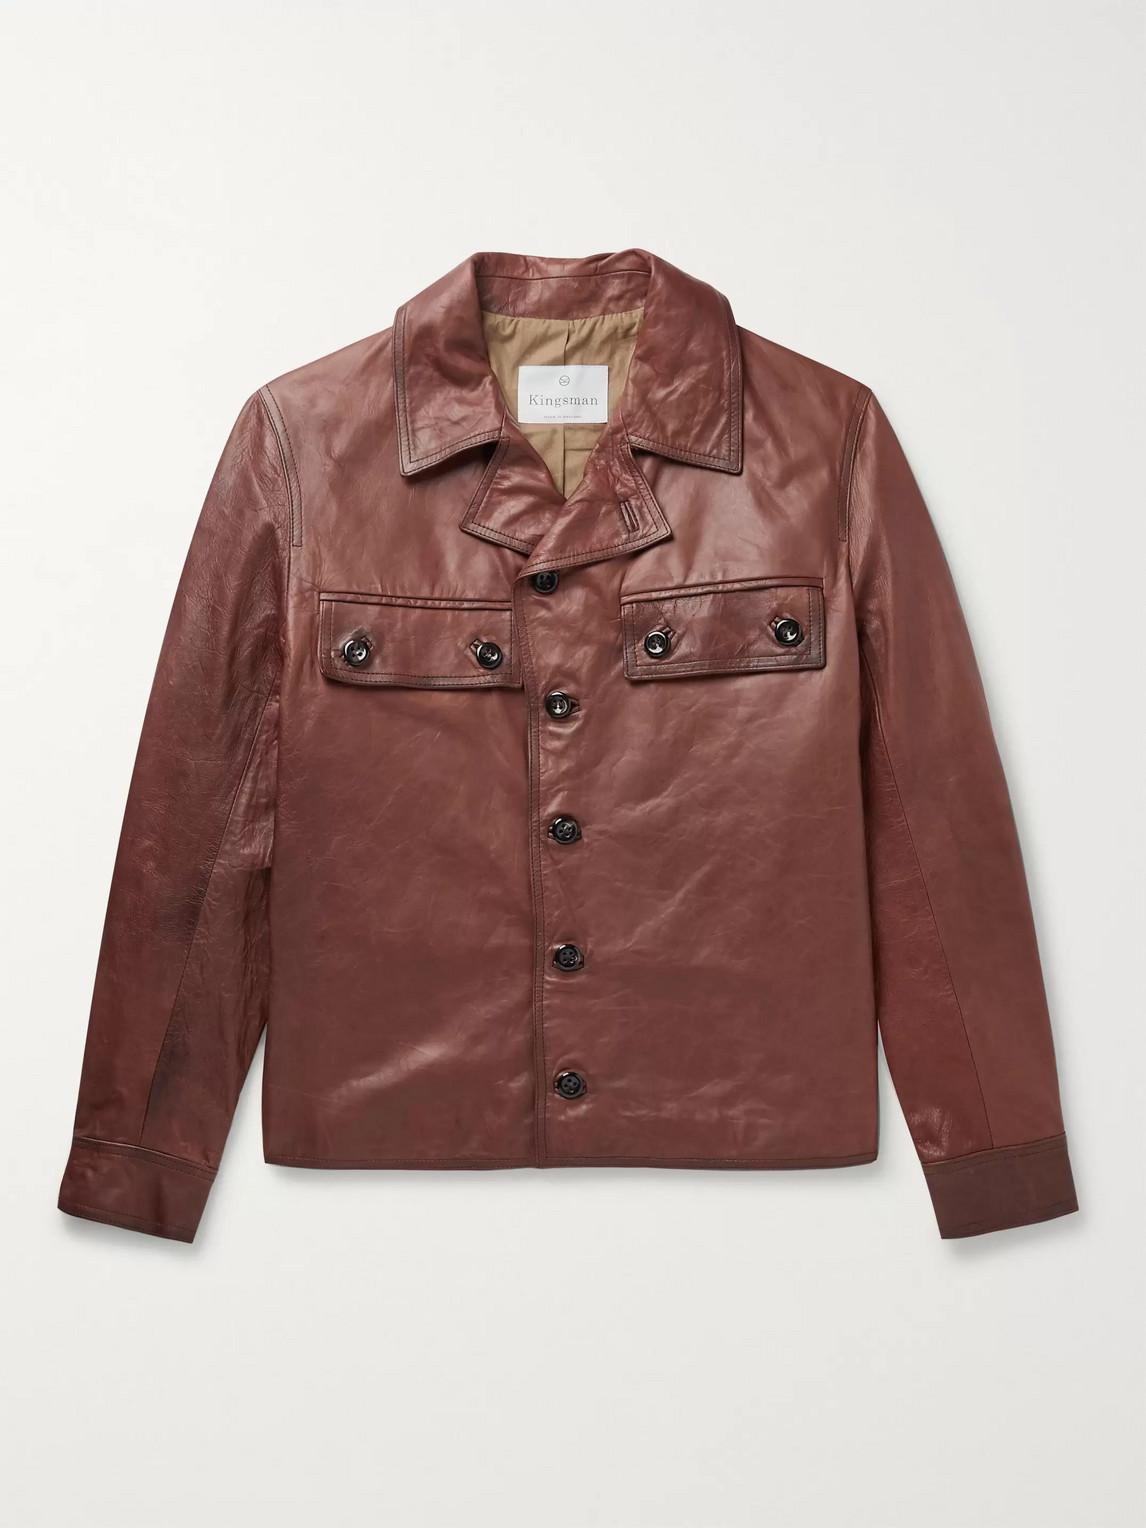 Kingsman Burnished-leather Jacket In Brown